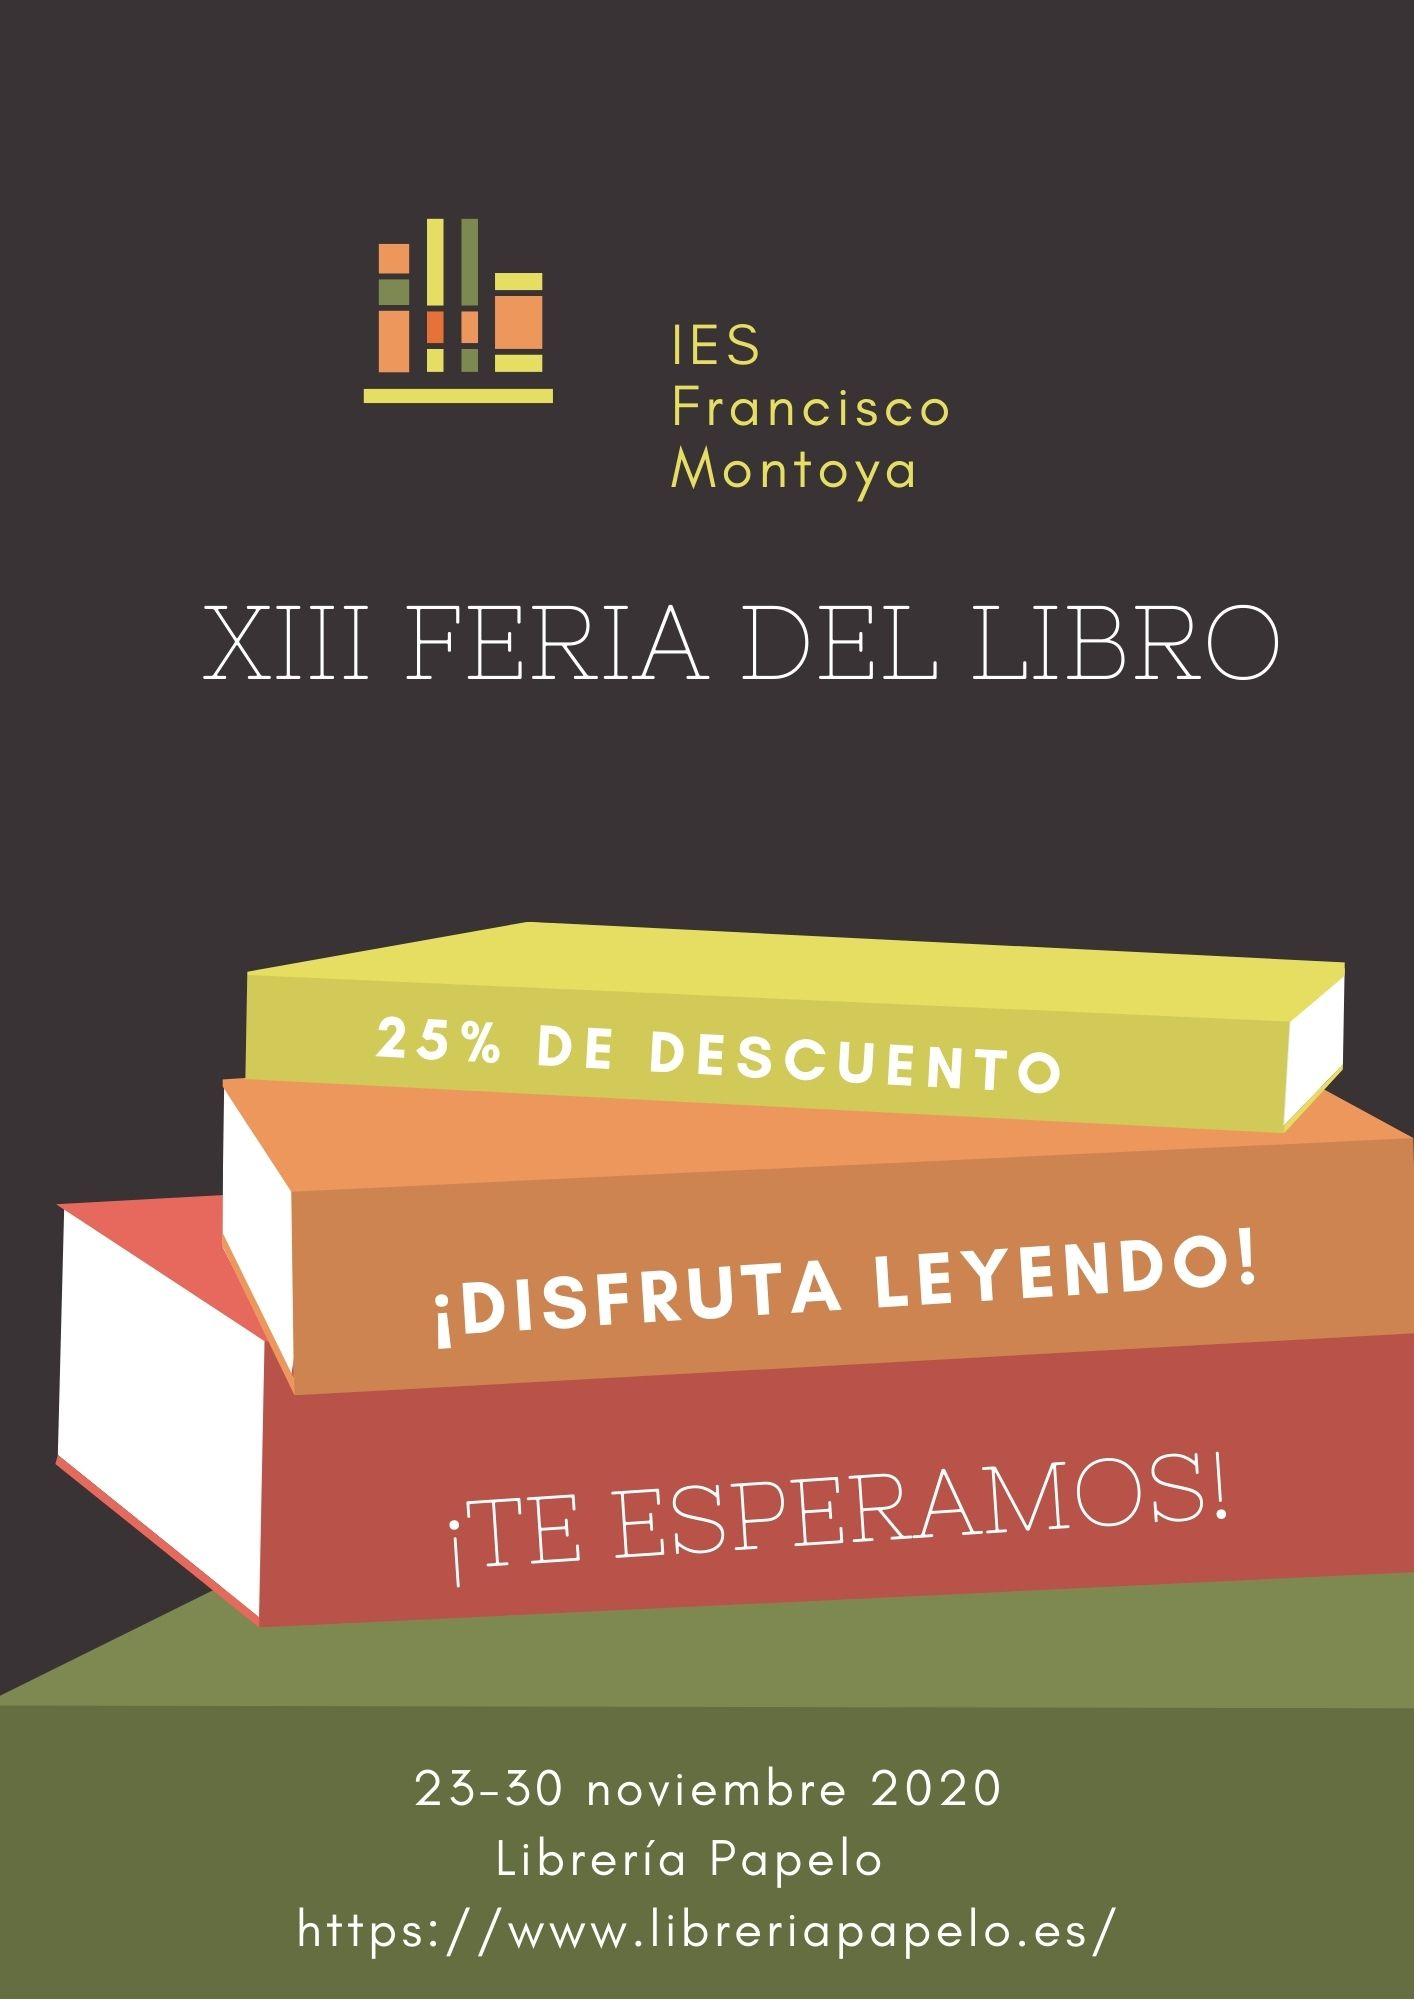 """23-30 de noviembre 2020 """"Bibliotecas, siempre a tu lado"""" Celebra y abraza la cultura"""